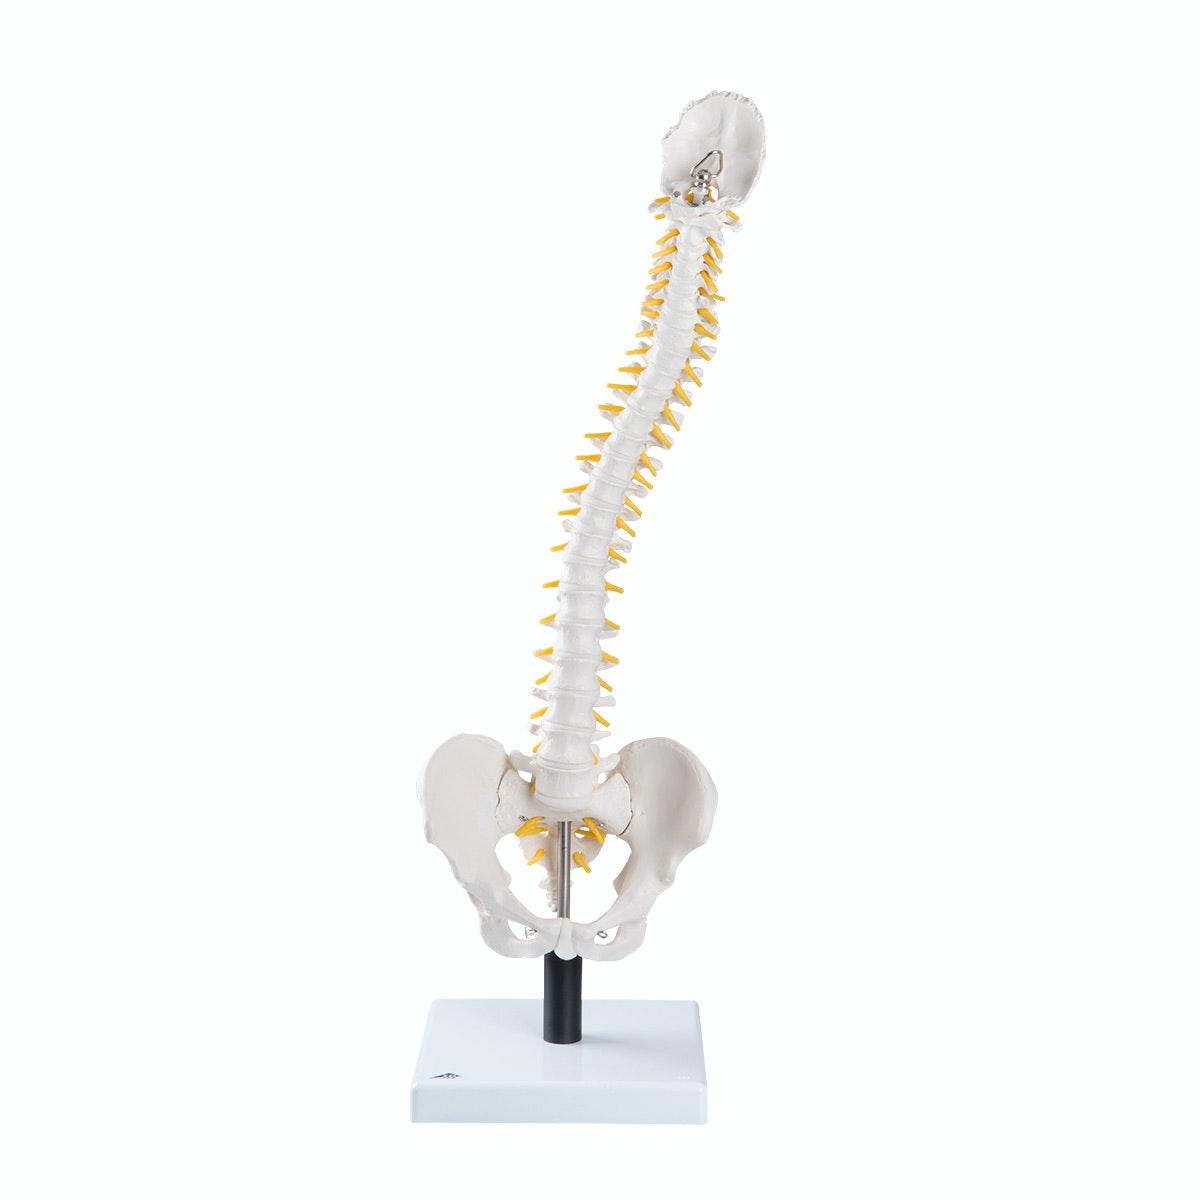 Fleksibel rygsøjle med ekstrabløde diskus og stand